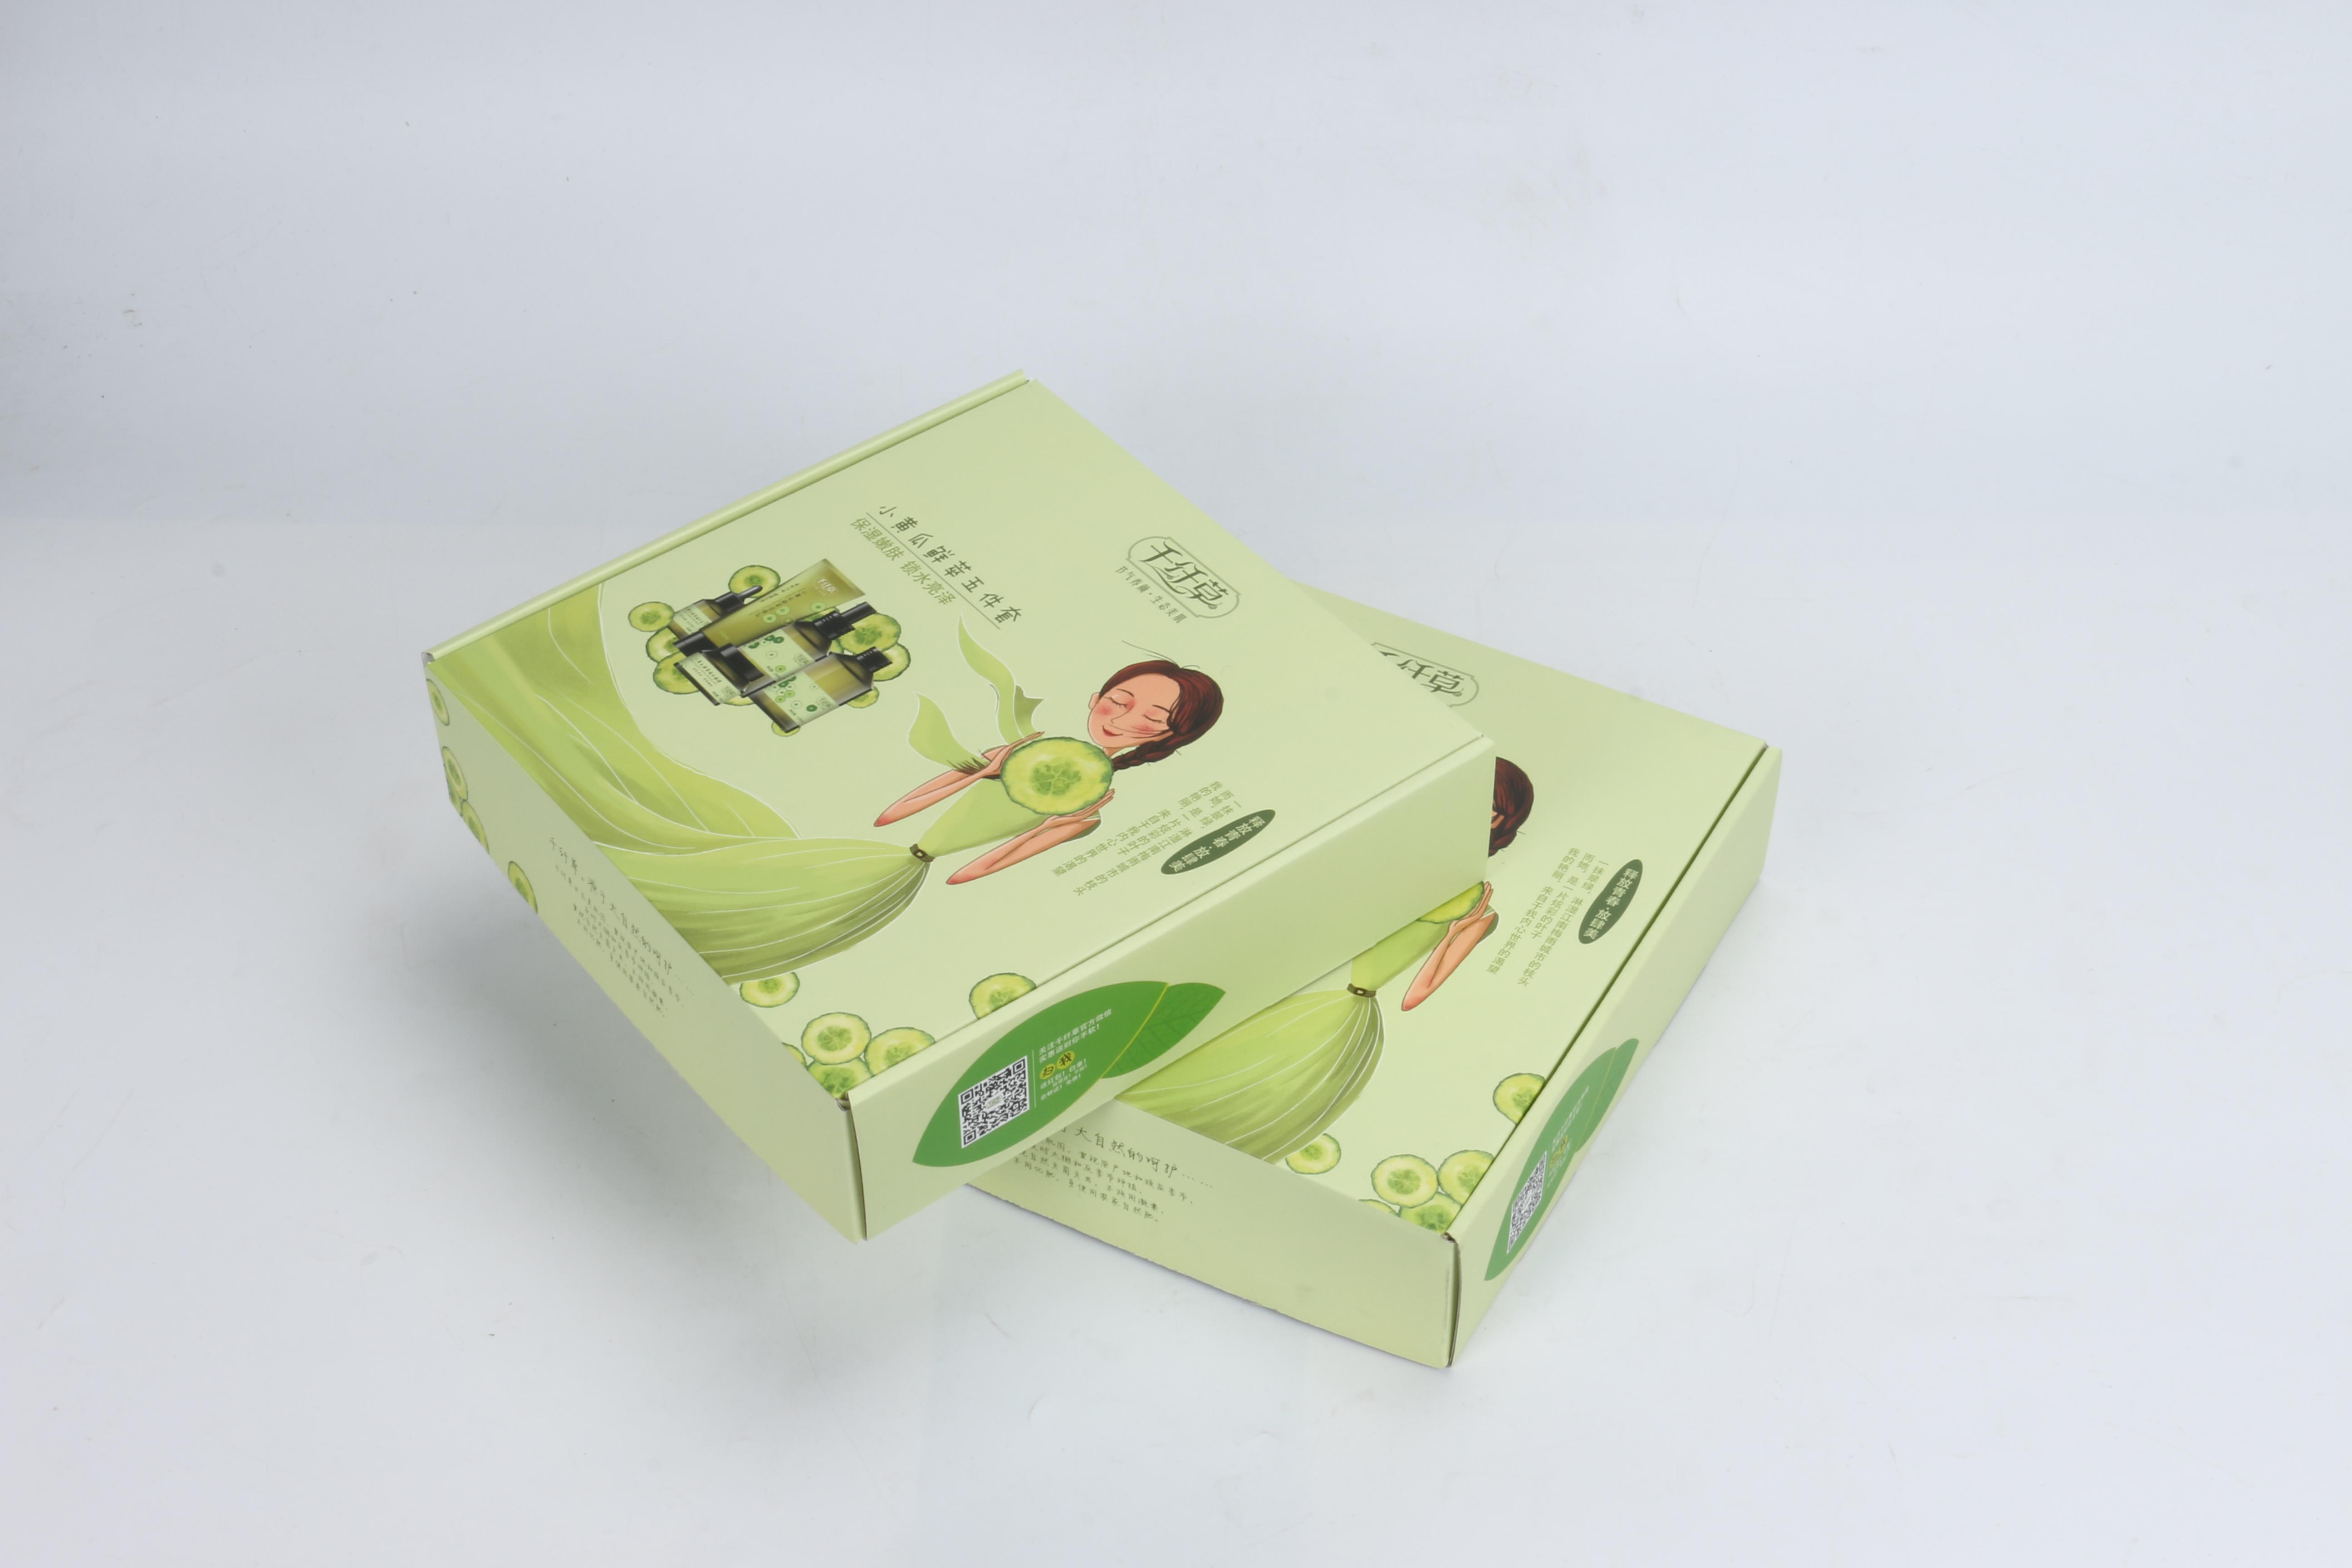 化妆品包装盒 面膜套装 洗面奶包装盒 防晒霜包装盒 面霜包装盒 面膜礼盒